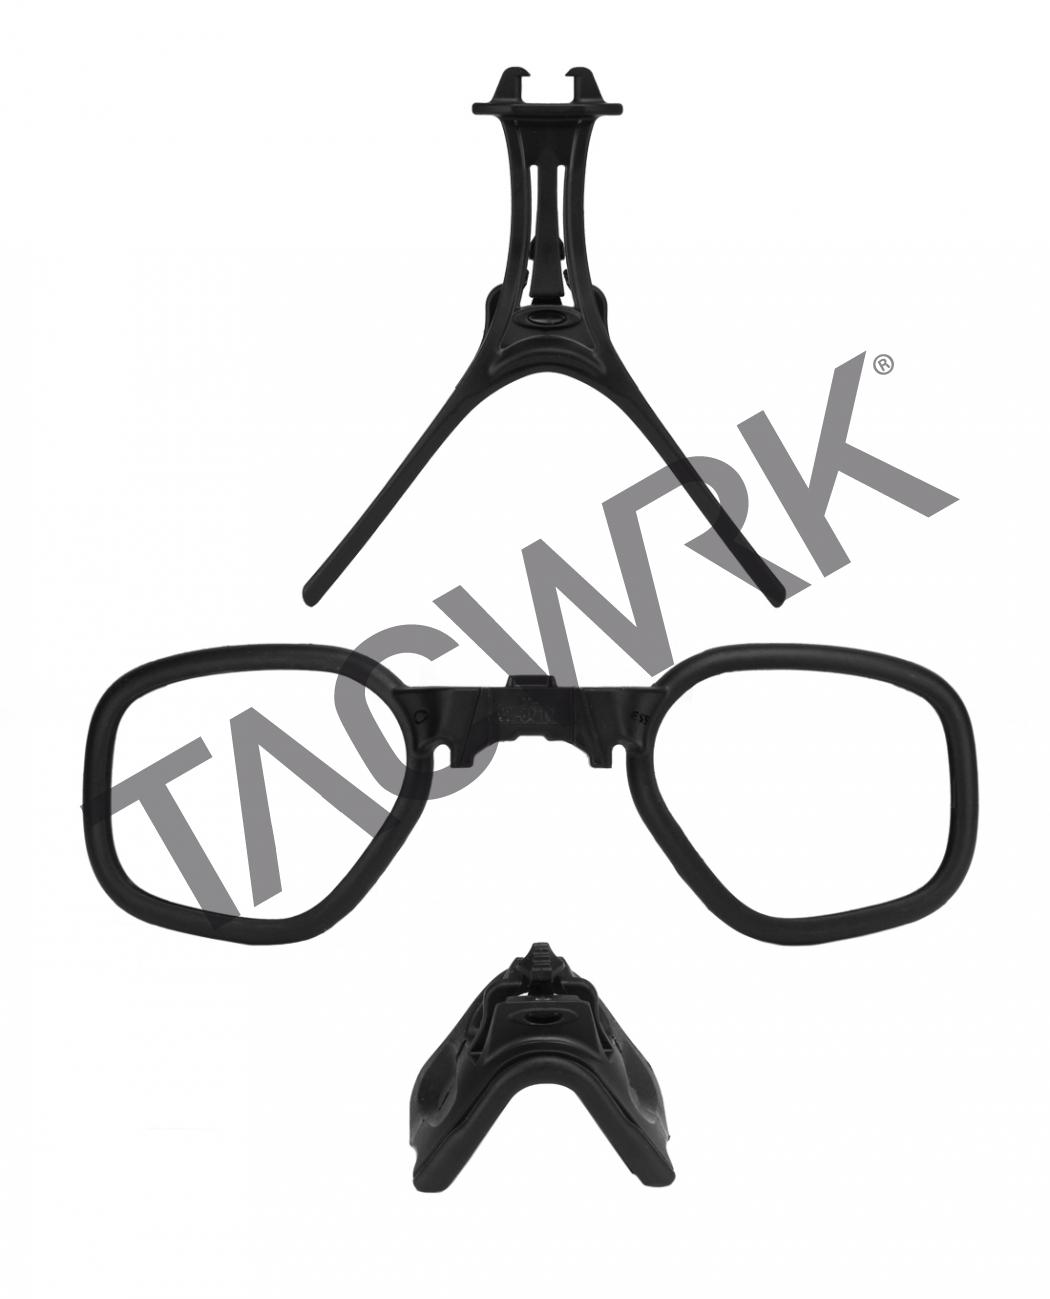 Nett Oakley M Rahmen 3.0 Fotos - Benutzerdefinierte Bilderrahmen ...